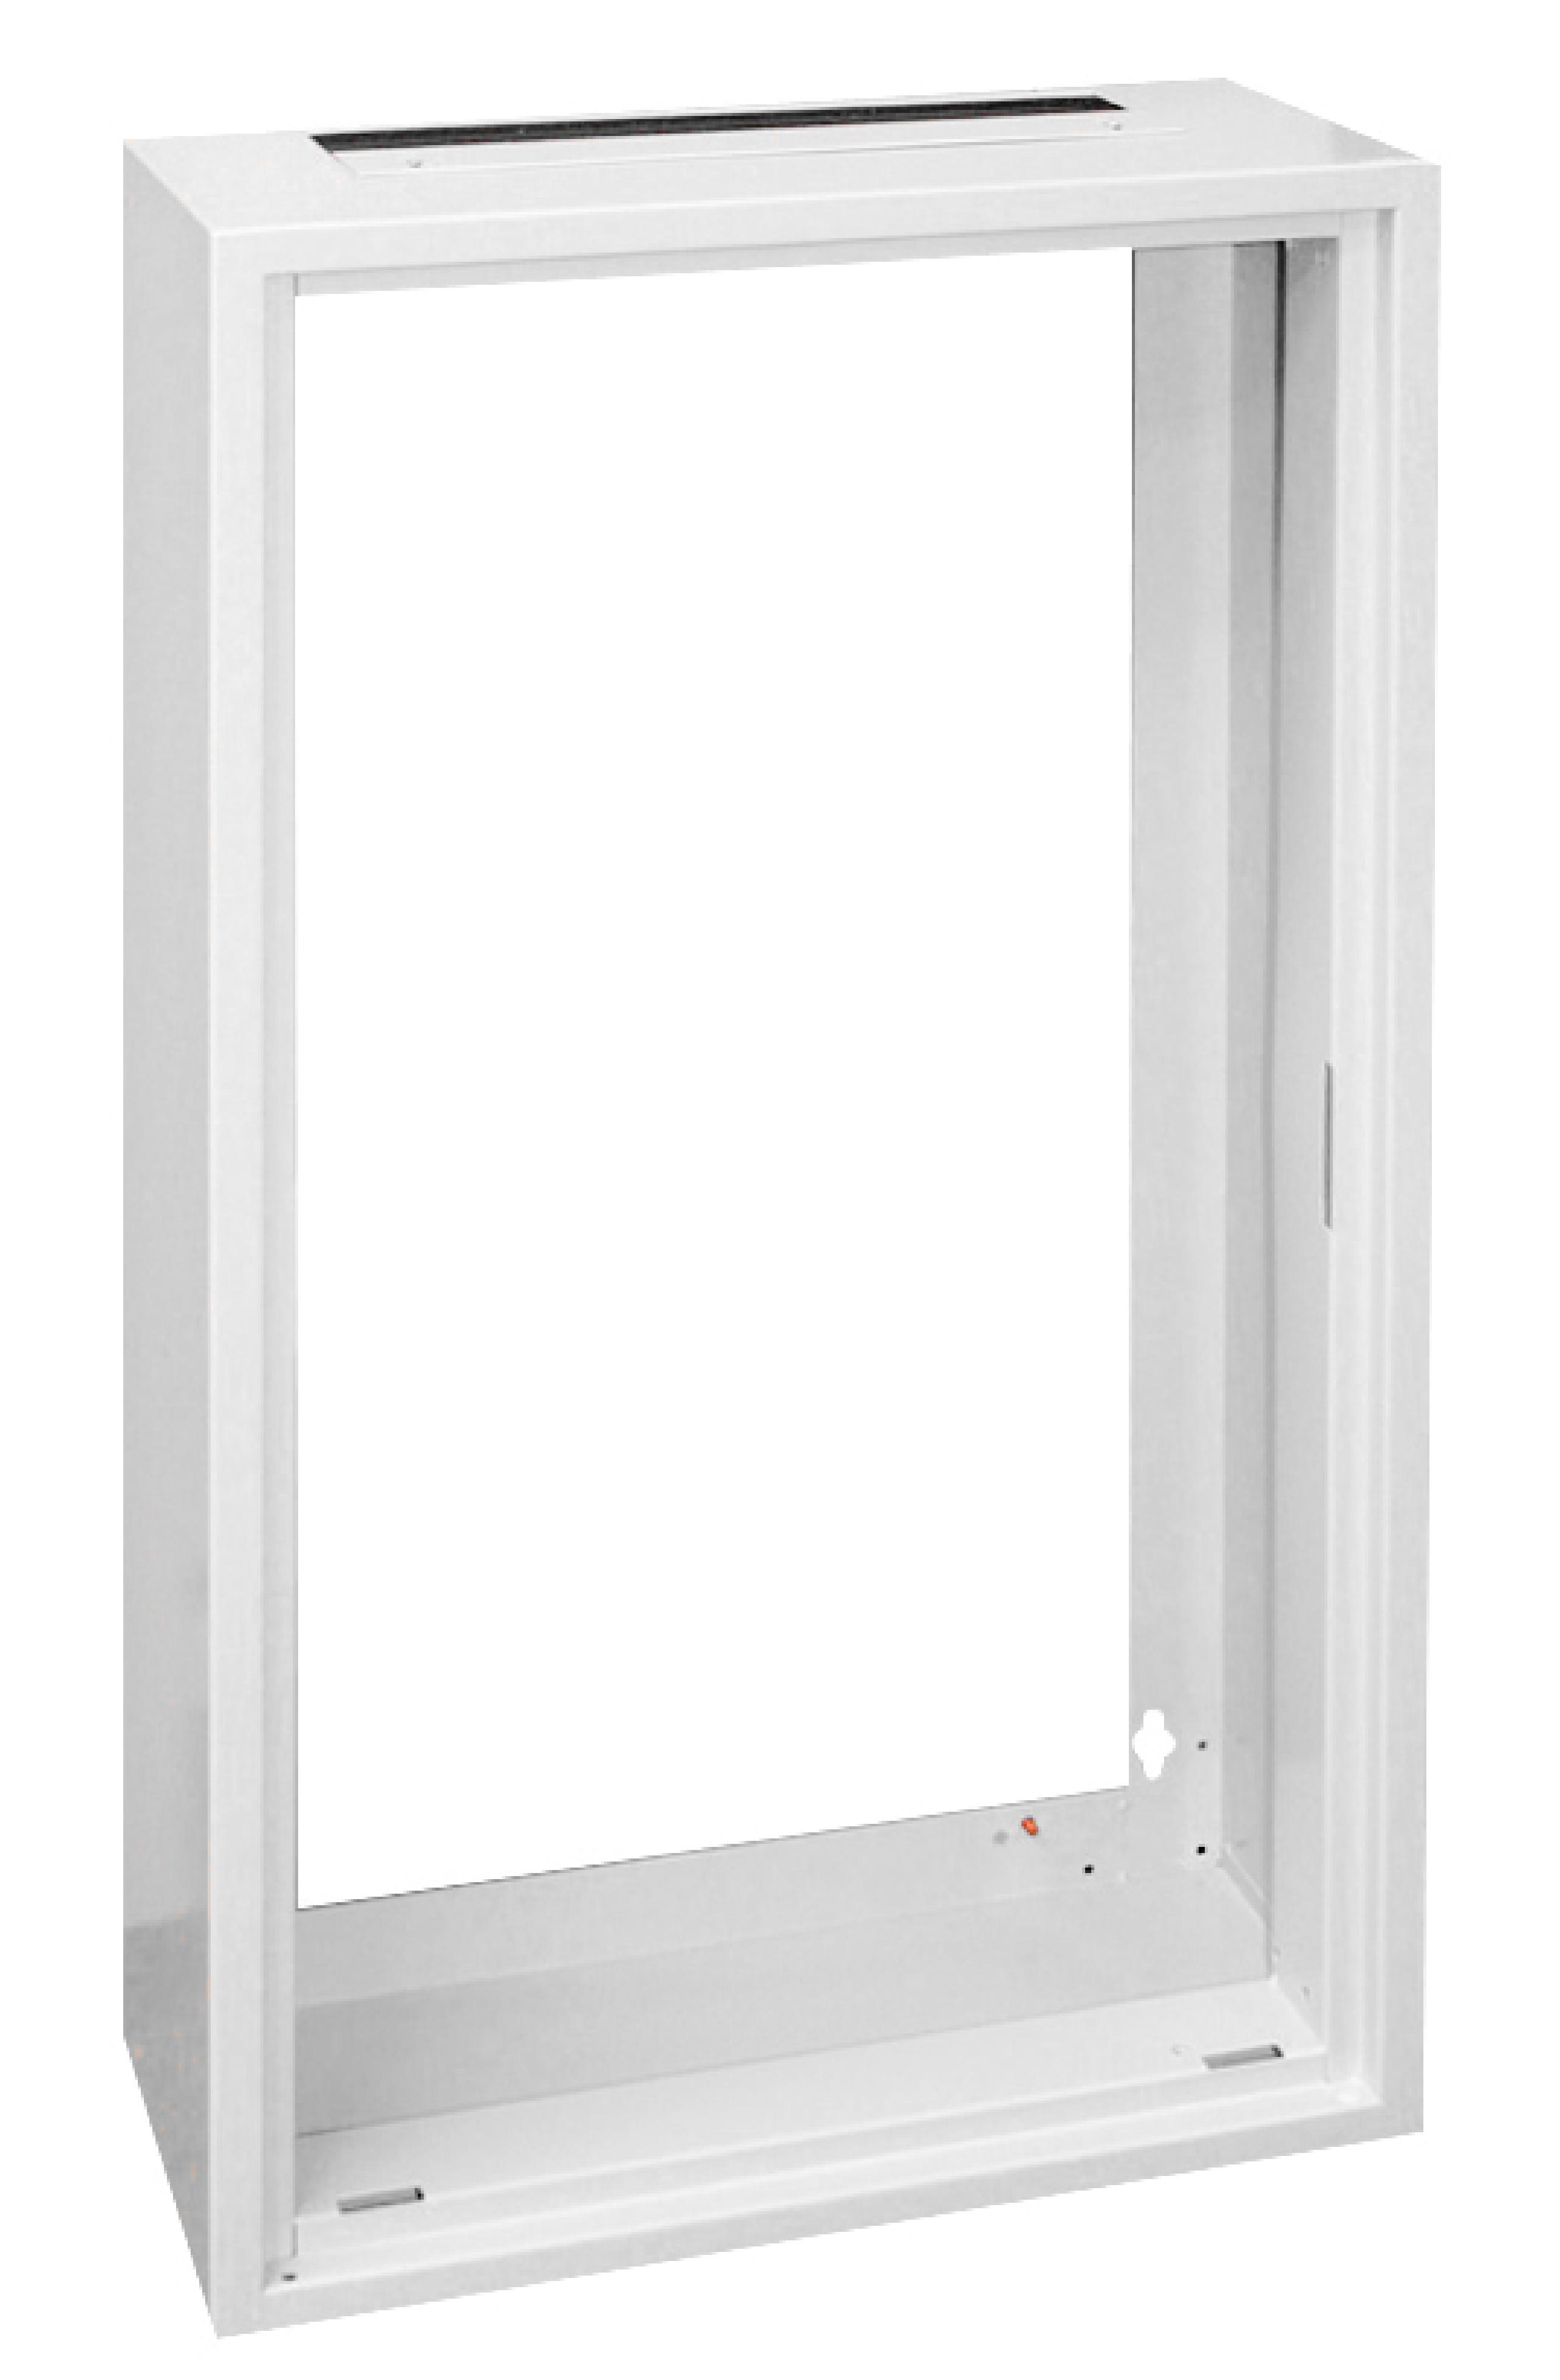 1 Stk AP-Rahmen ohne Türe und Rückwand 3A-24, H1195B810T250mm IL001324-F